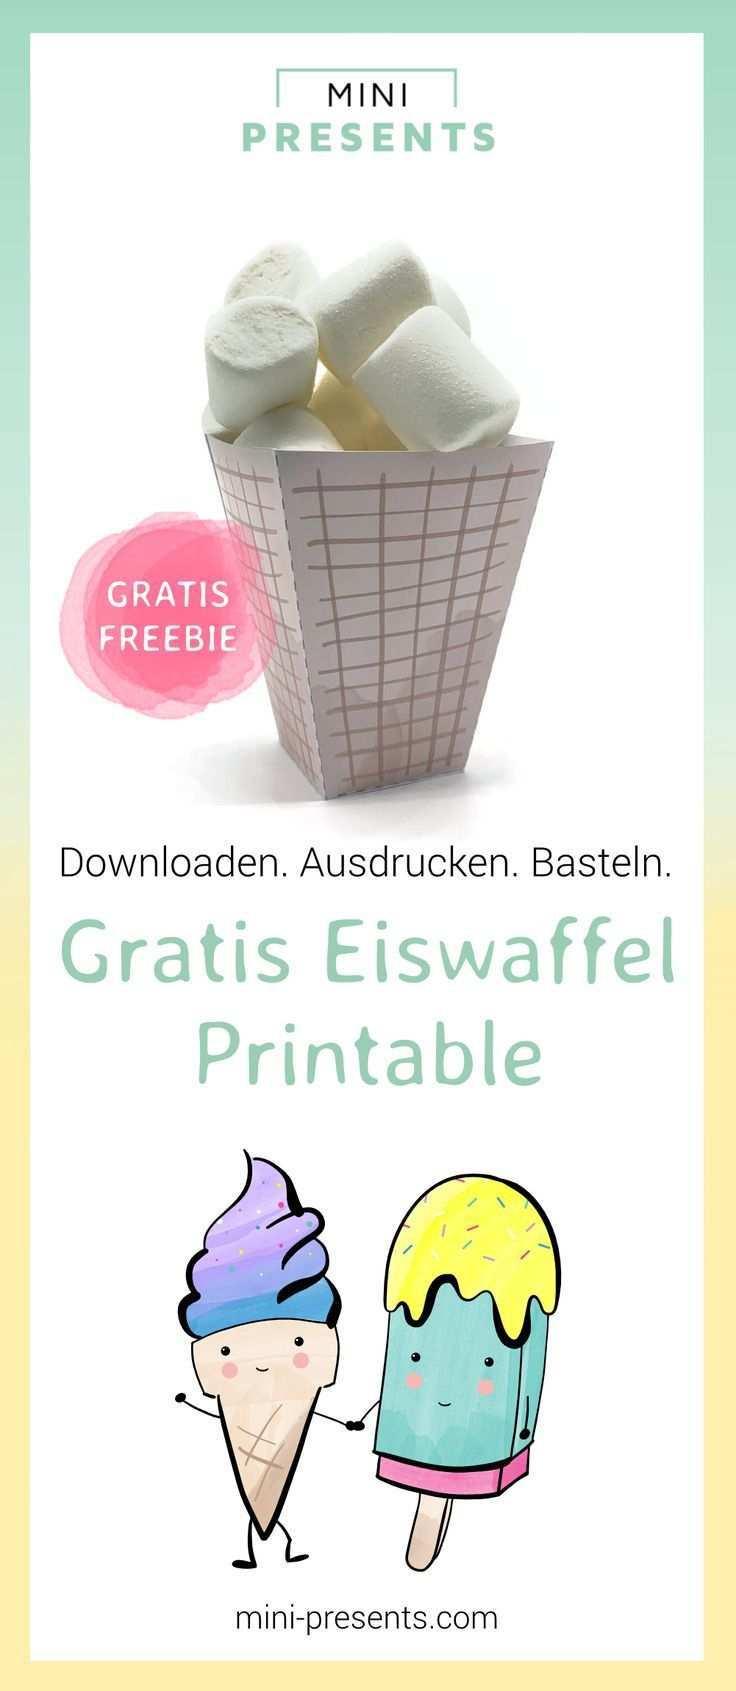 Eistute Vorlage Als Freebie Zum Ausdrucken Und Basteln Mini Presents Blog Diy Geschenke Zum Selbermachen Bastelvorlagen Zum Ausdrucken Basteln